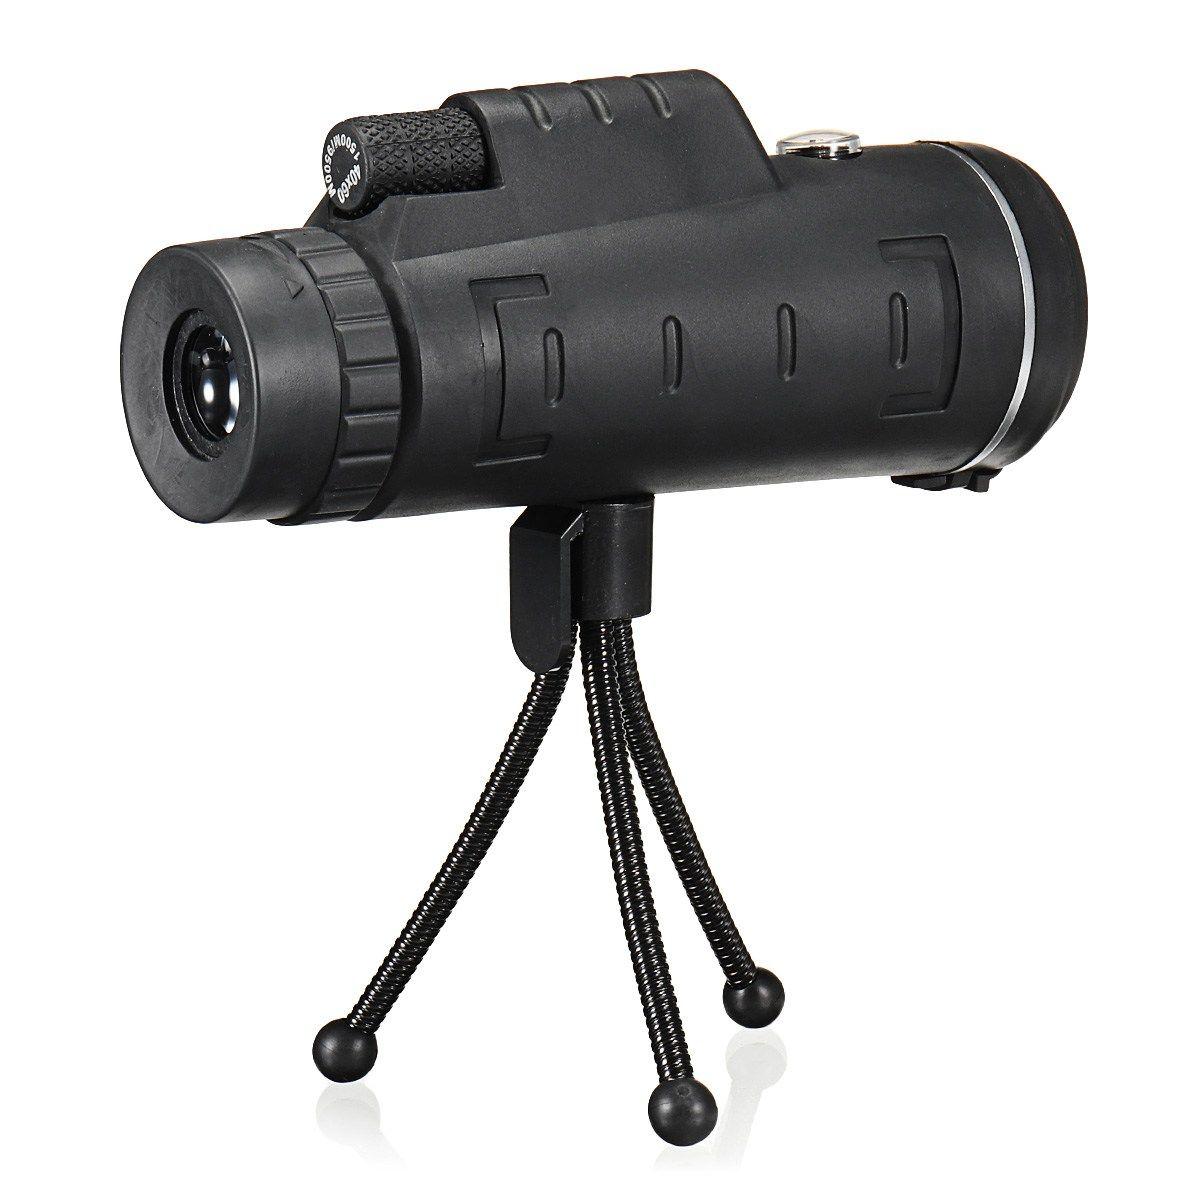 40x60 Monoküler Açık Tek Mini HD Monokülerler Cep Telefonu Kamera Lens Zoom Teleskop Spotting kapsam için Optik lens Dürbün